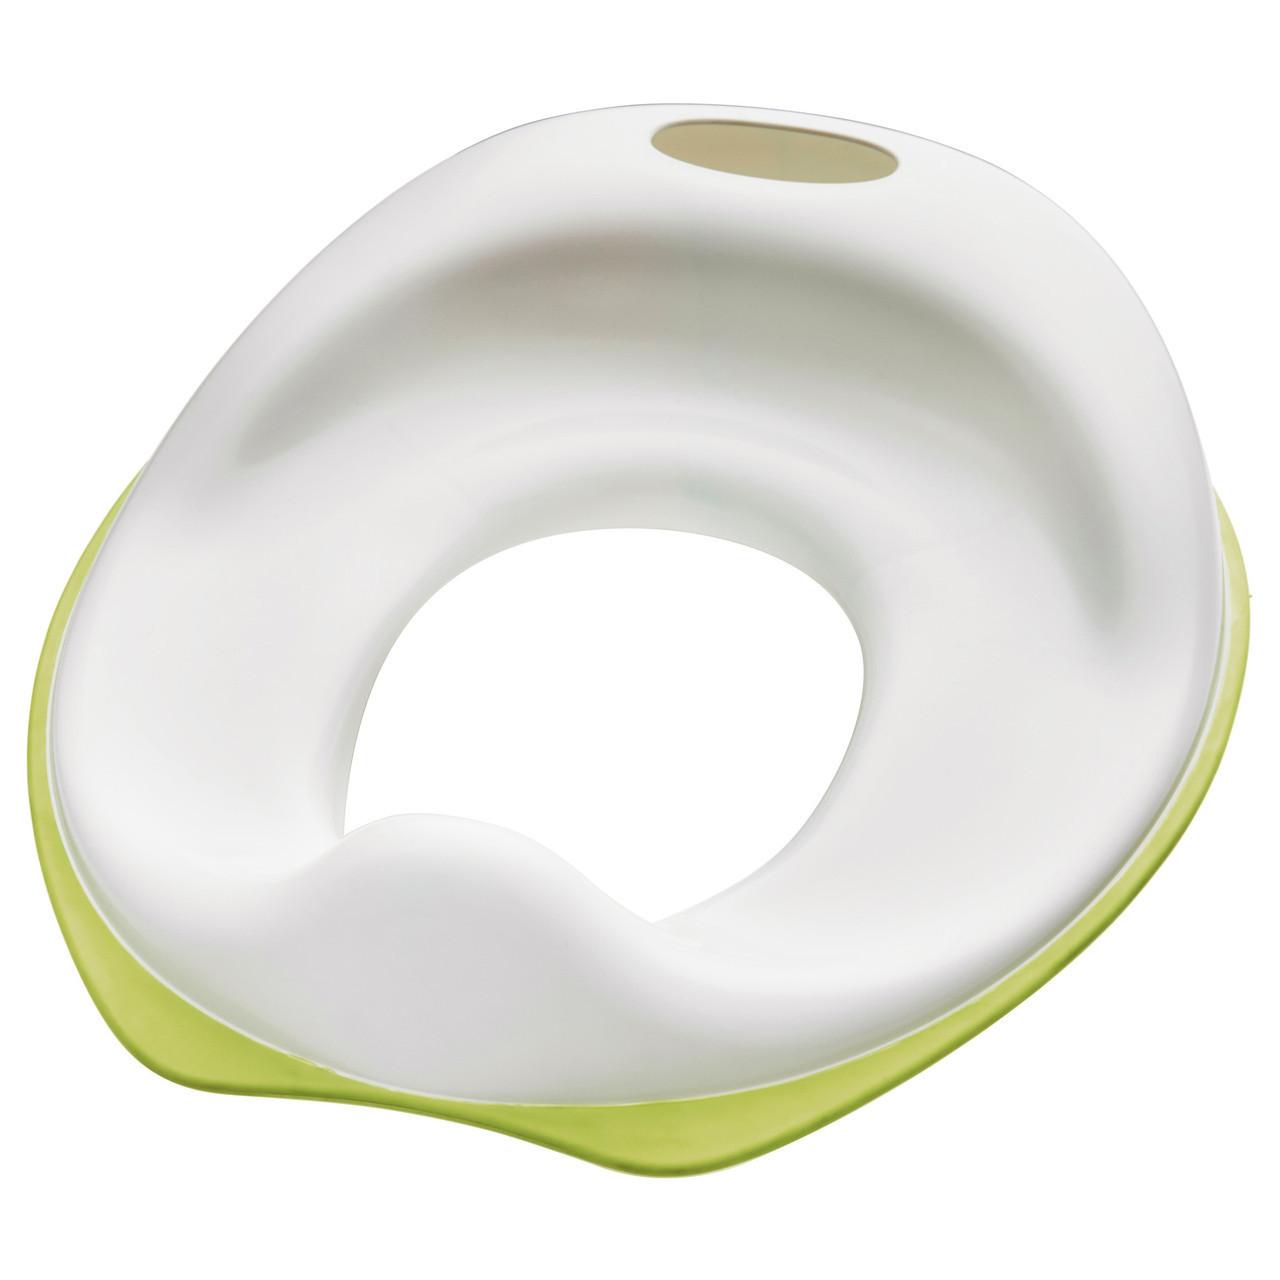 TOSSIG Сиденье для унитаза, белый, зеленый 102.727.88